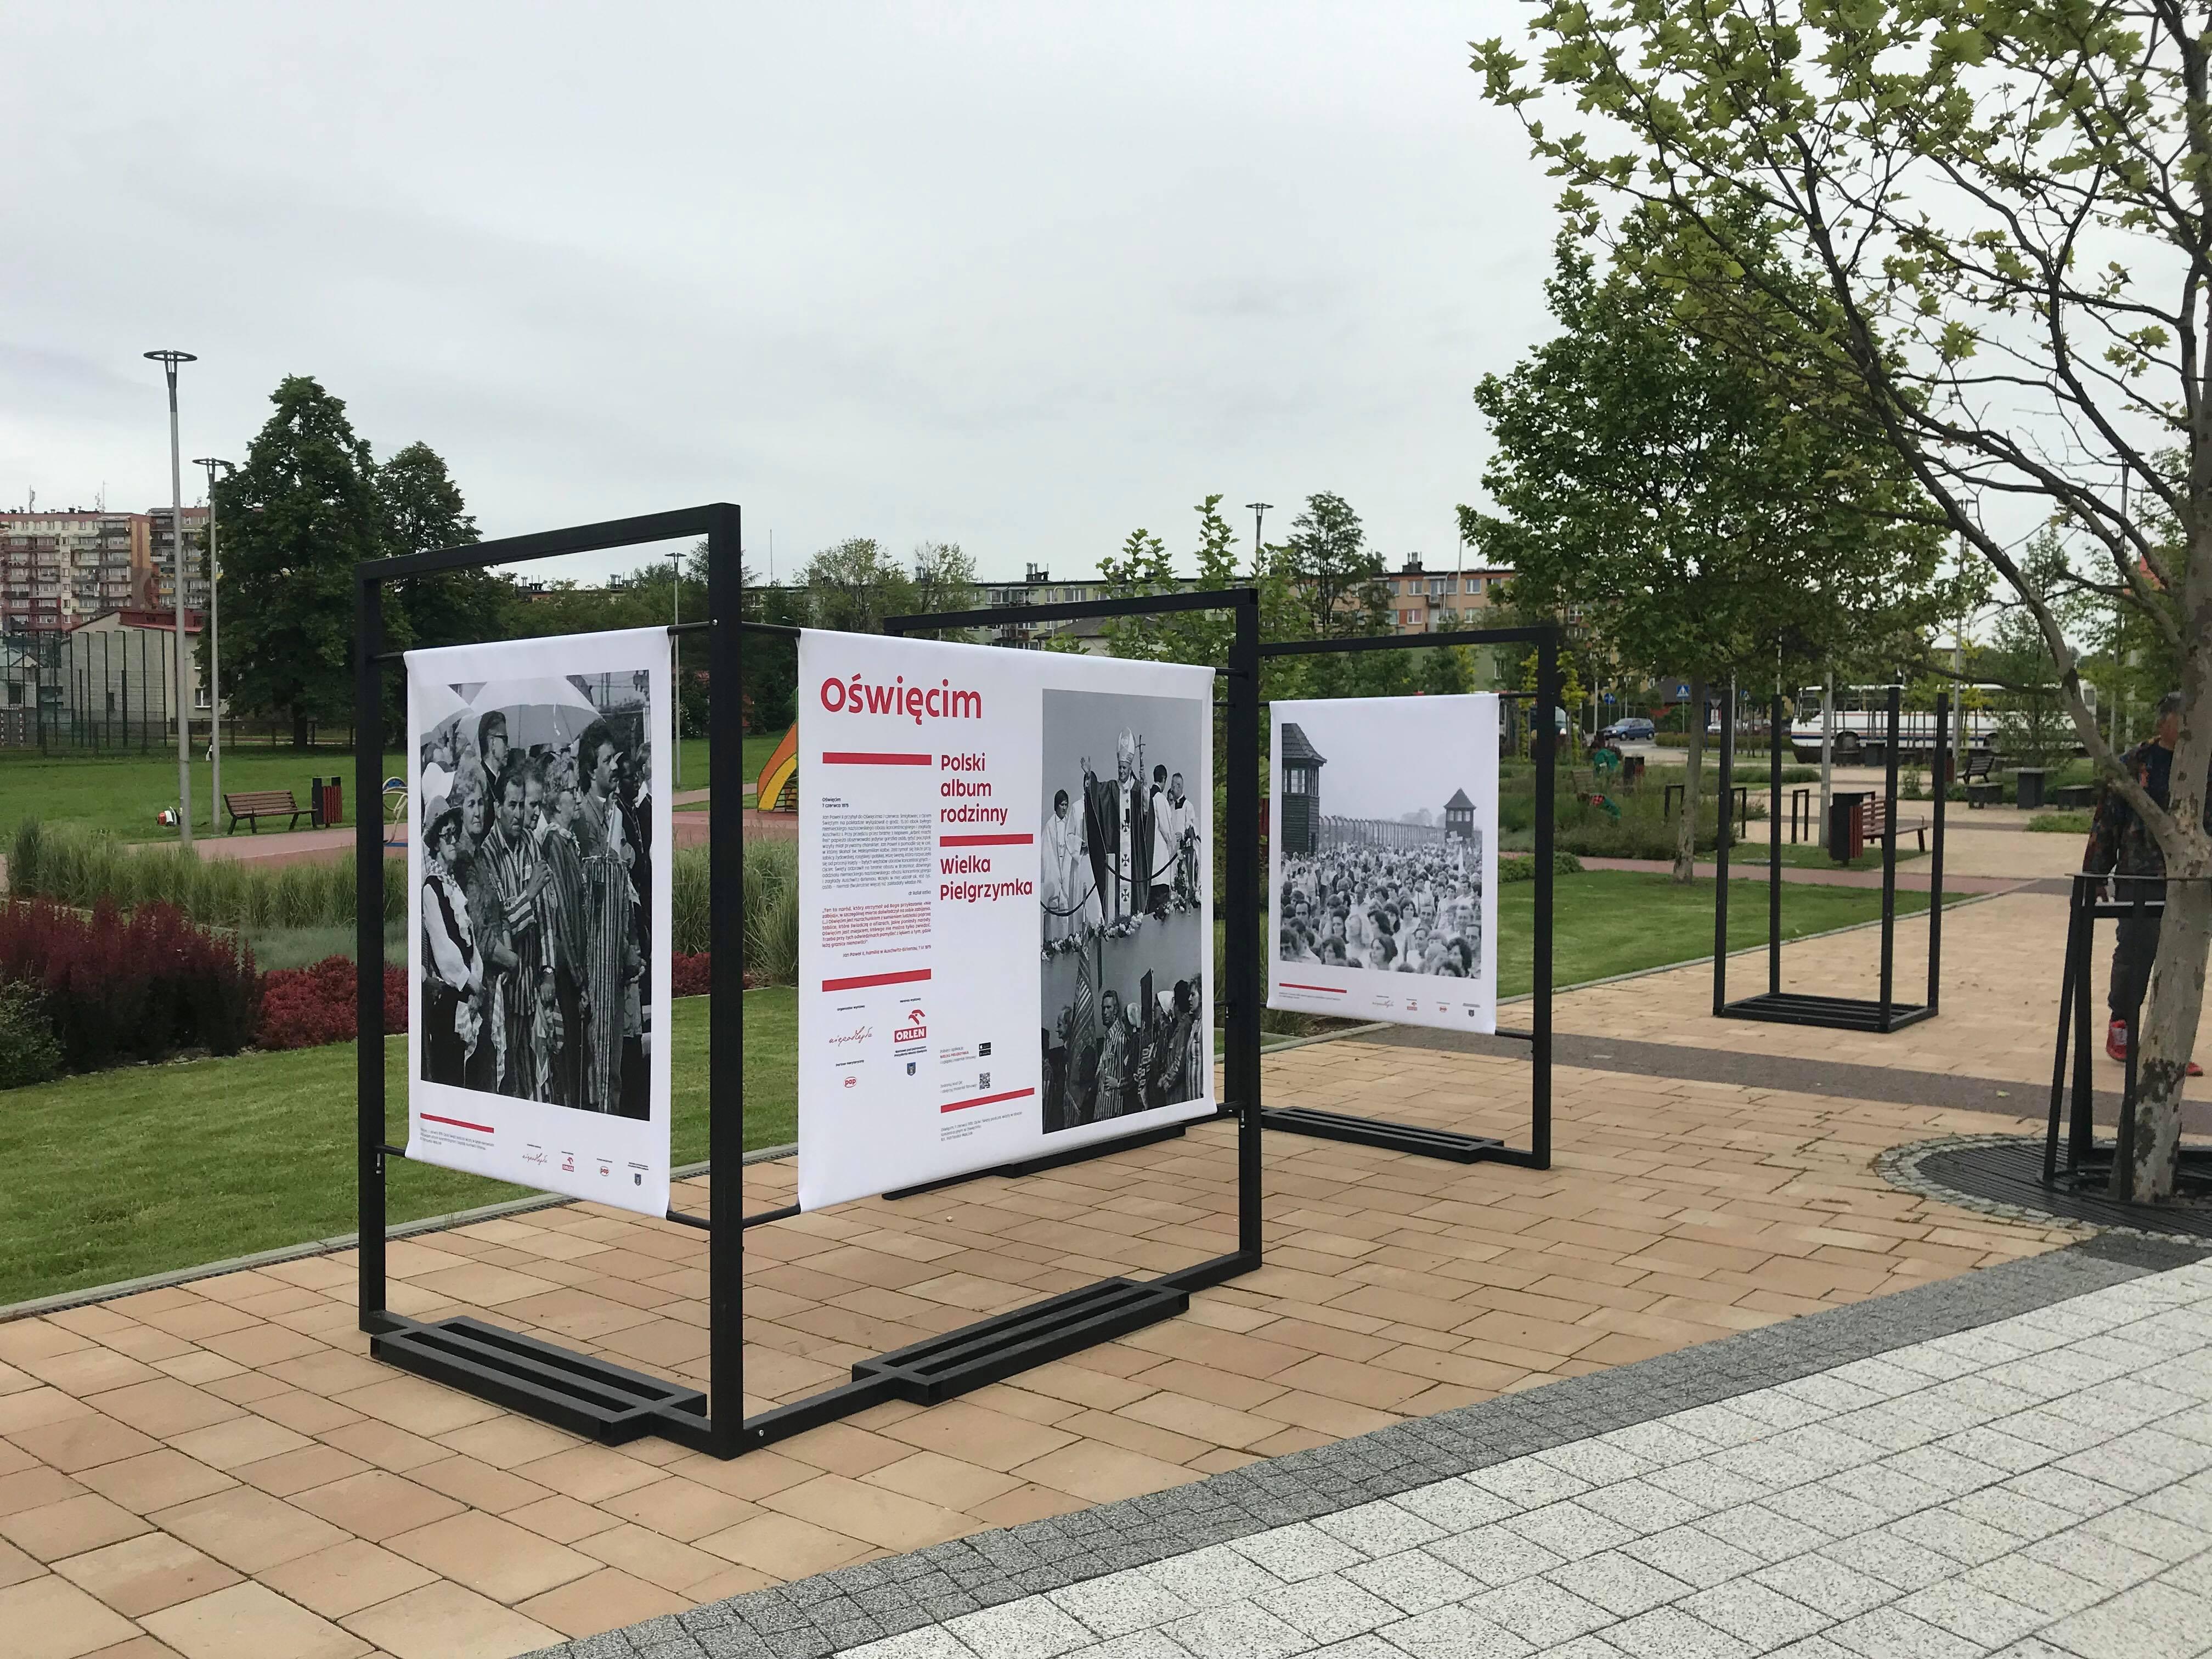 wystawa planszowa rozstawionka w Parku Zasole